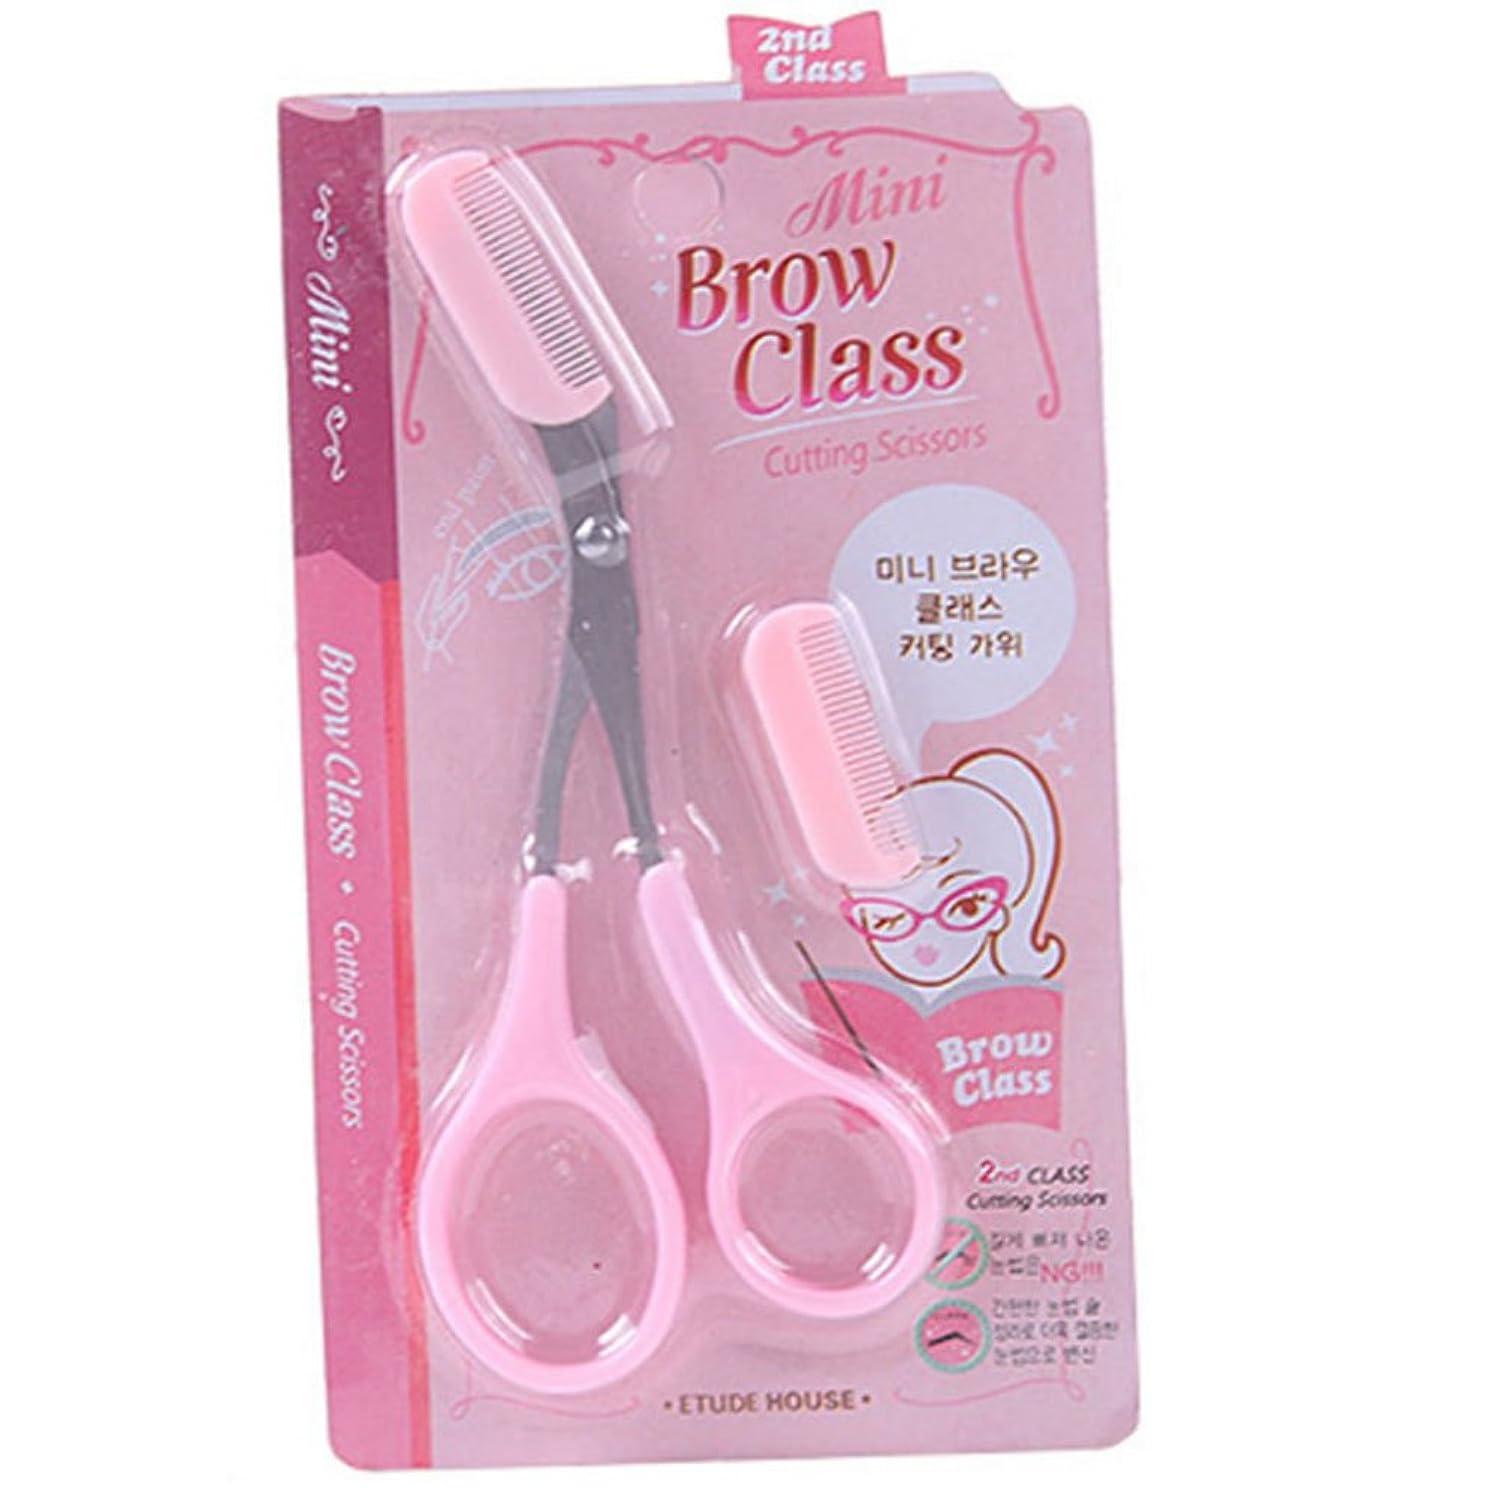 葉心からしばしば山の奥 眉毛のお手入れに クシ付きハサミ ピンク まゆげ専用はさみ トリマー 美容 美顔 レディース